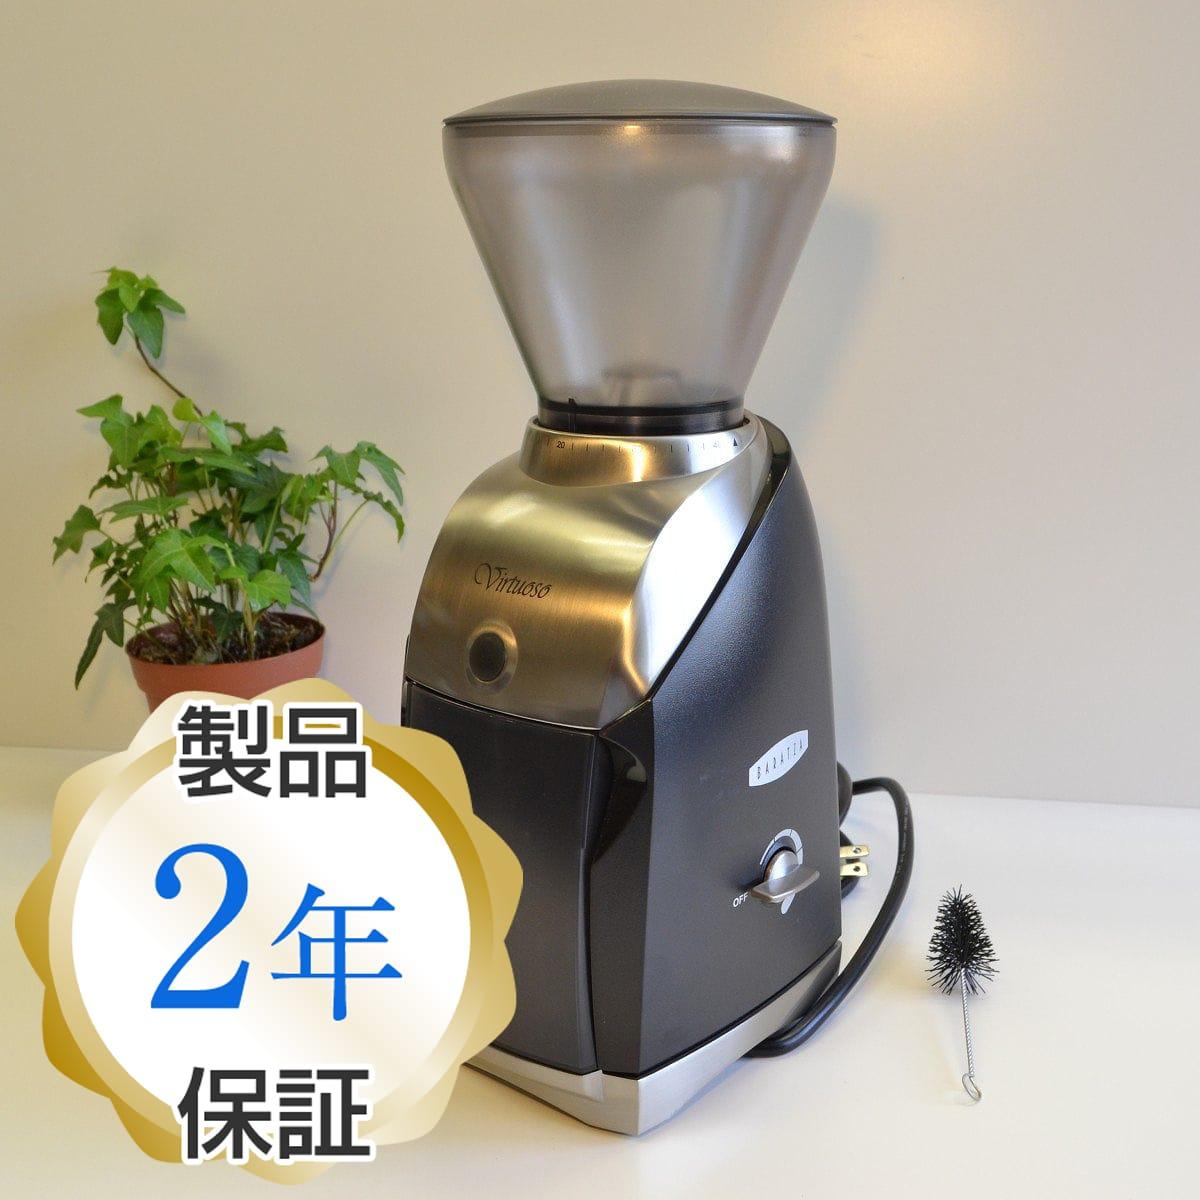 バラッツァ・バー コーヒーミル(グラインダー) 豆ひき 豆挽き Baratza Virtuoso Coffee Grinder 586 家電